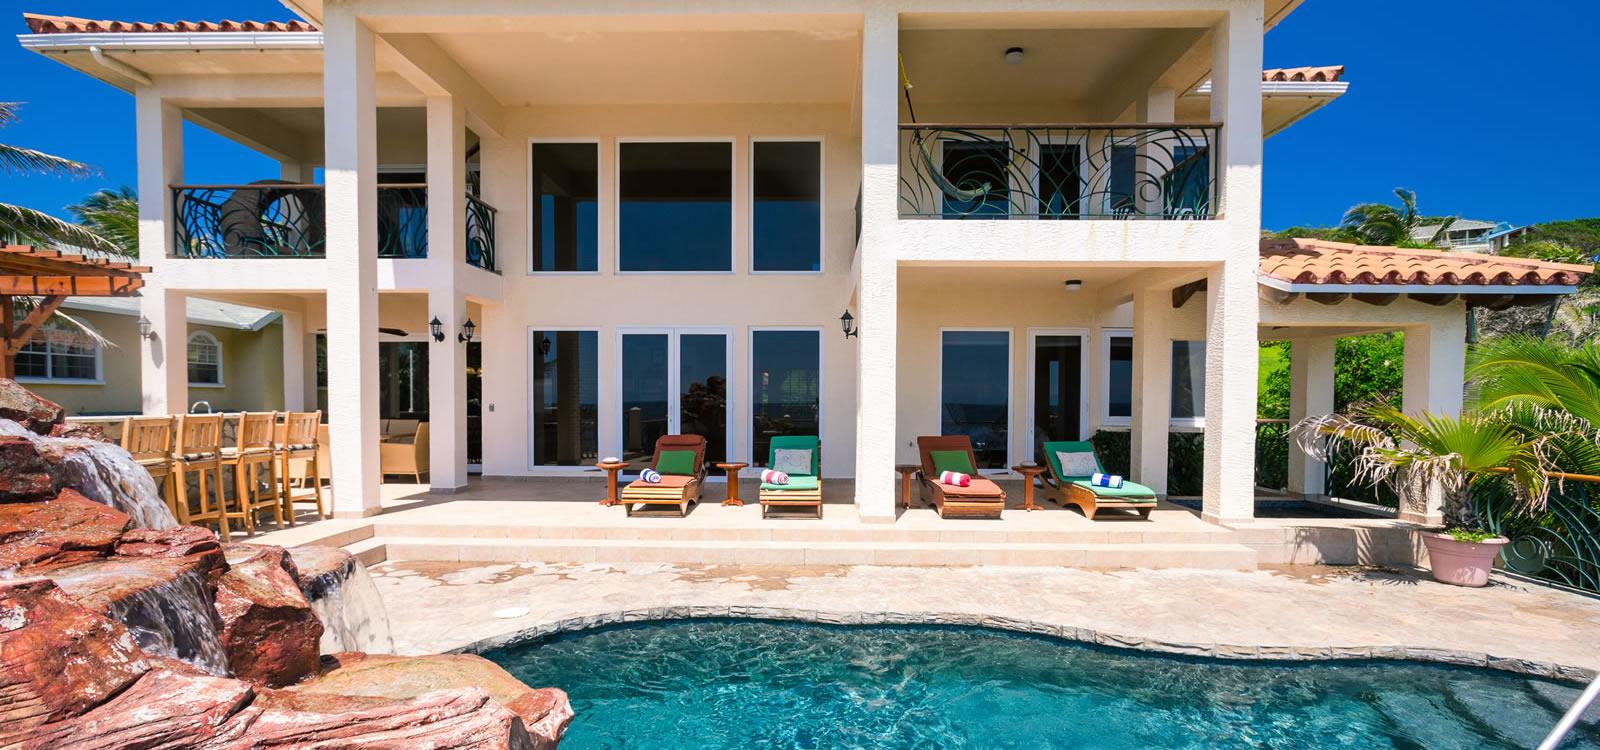 Roatan Beach House For Sale